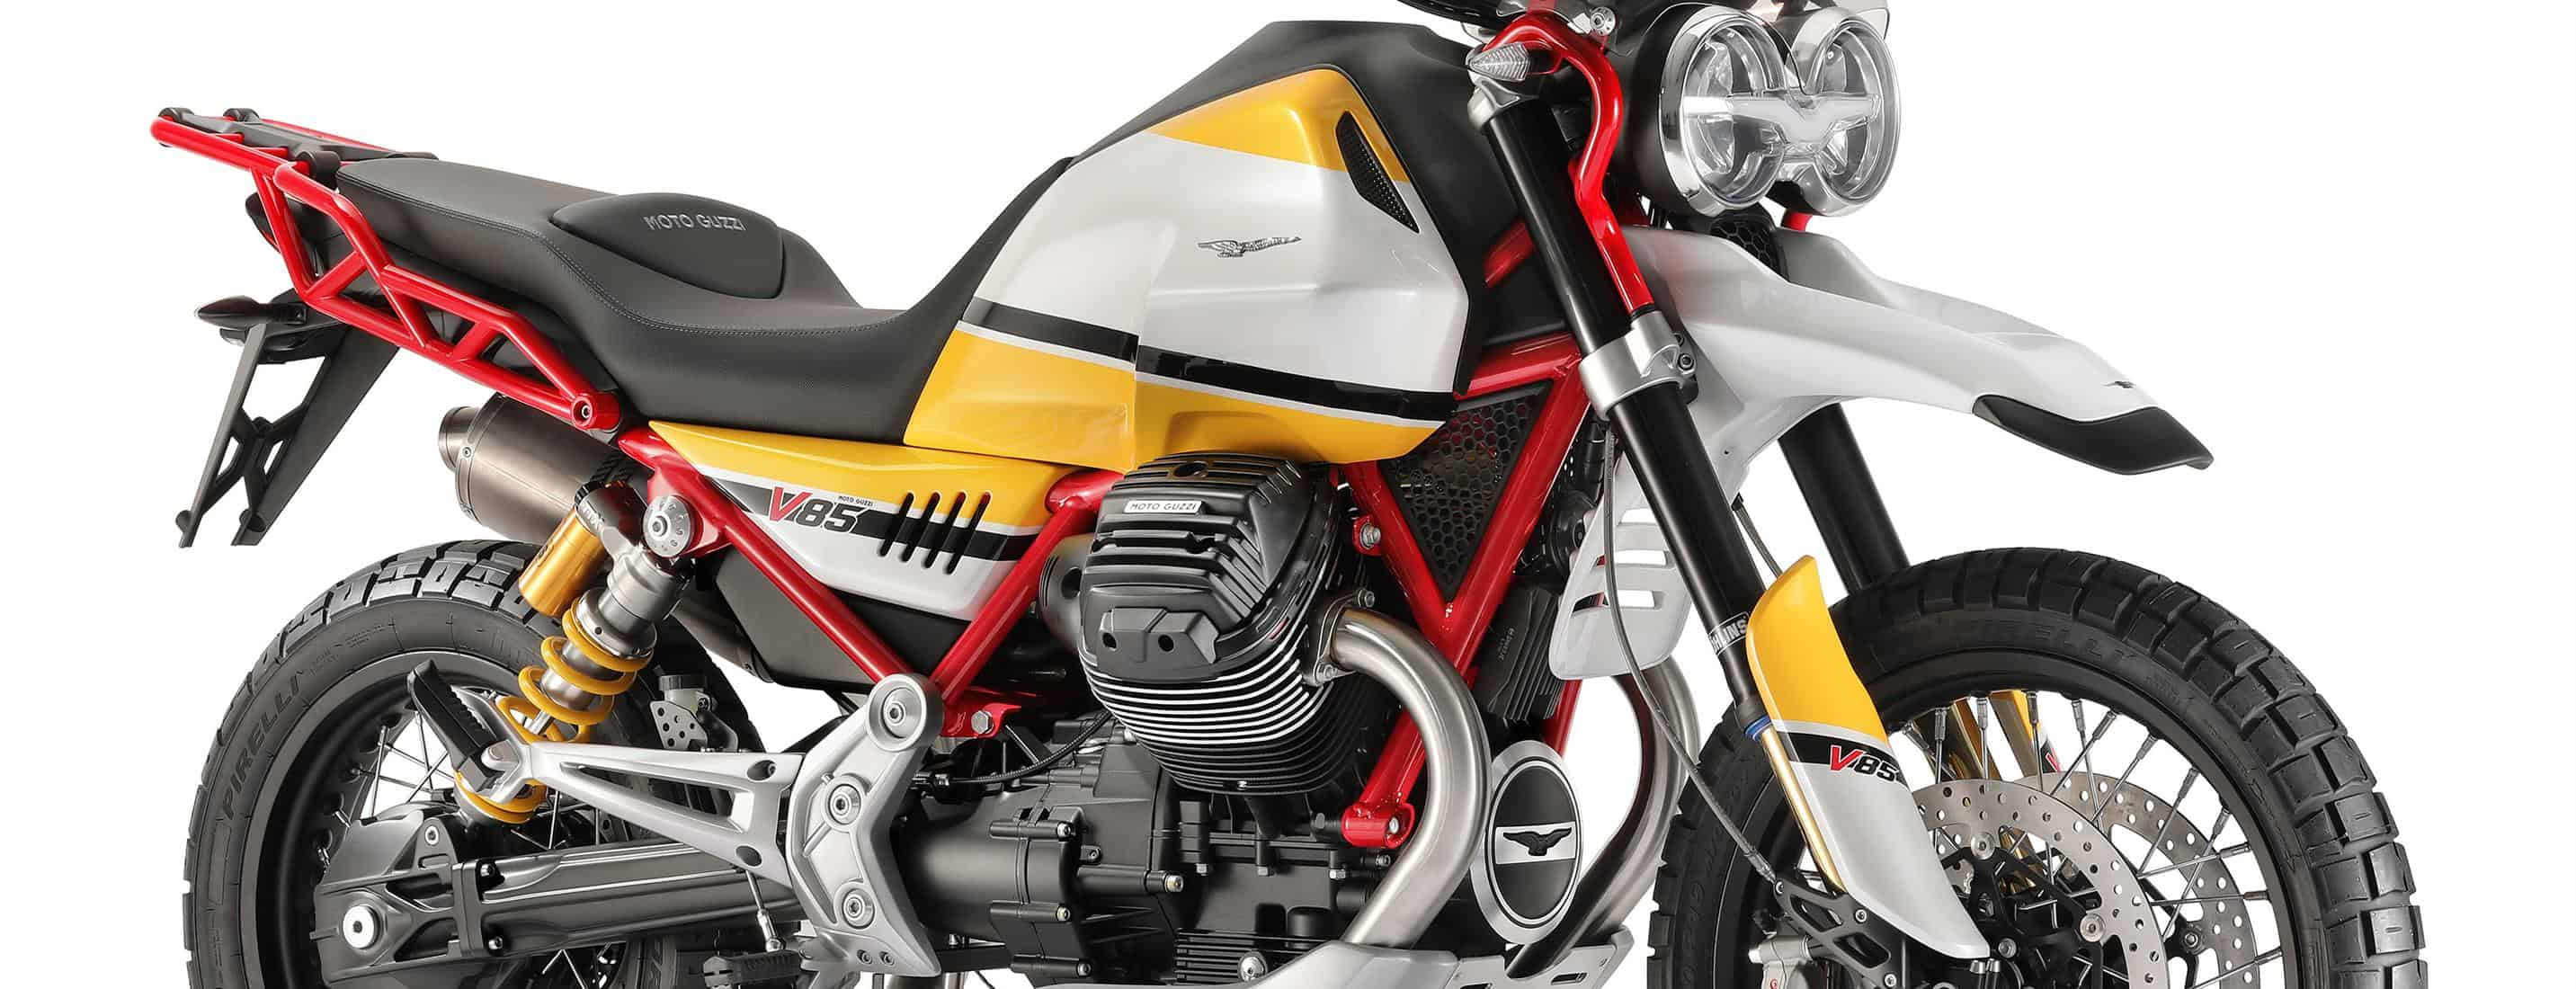 MOTO GUZZI The V85